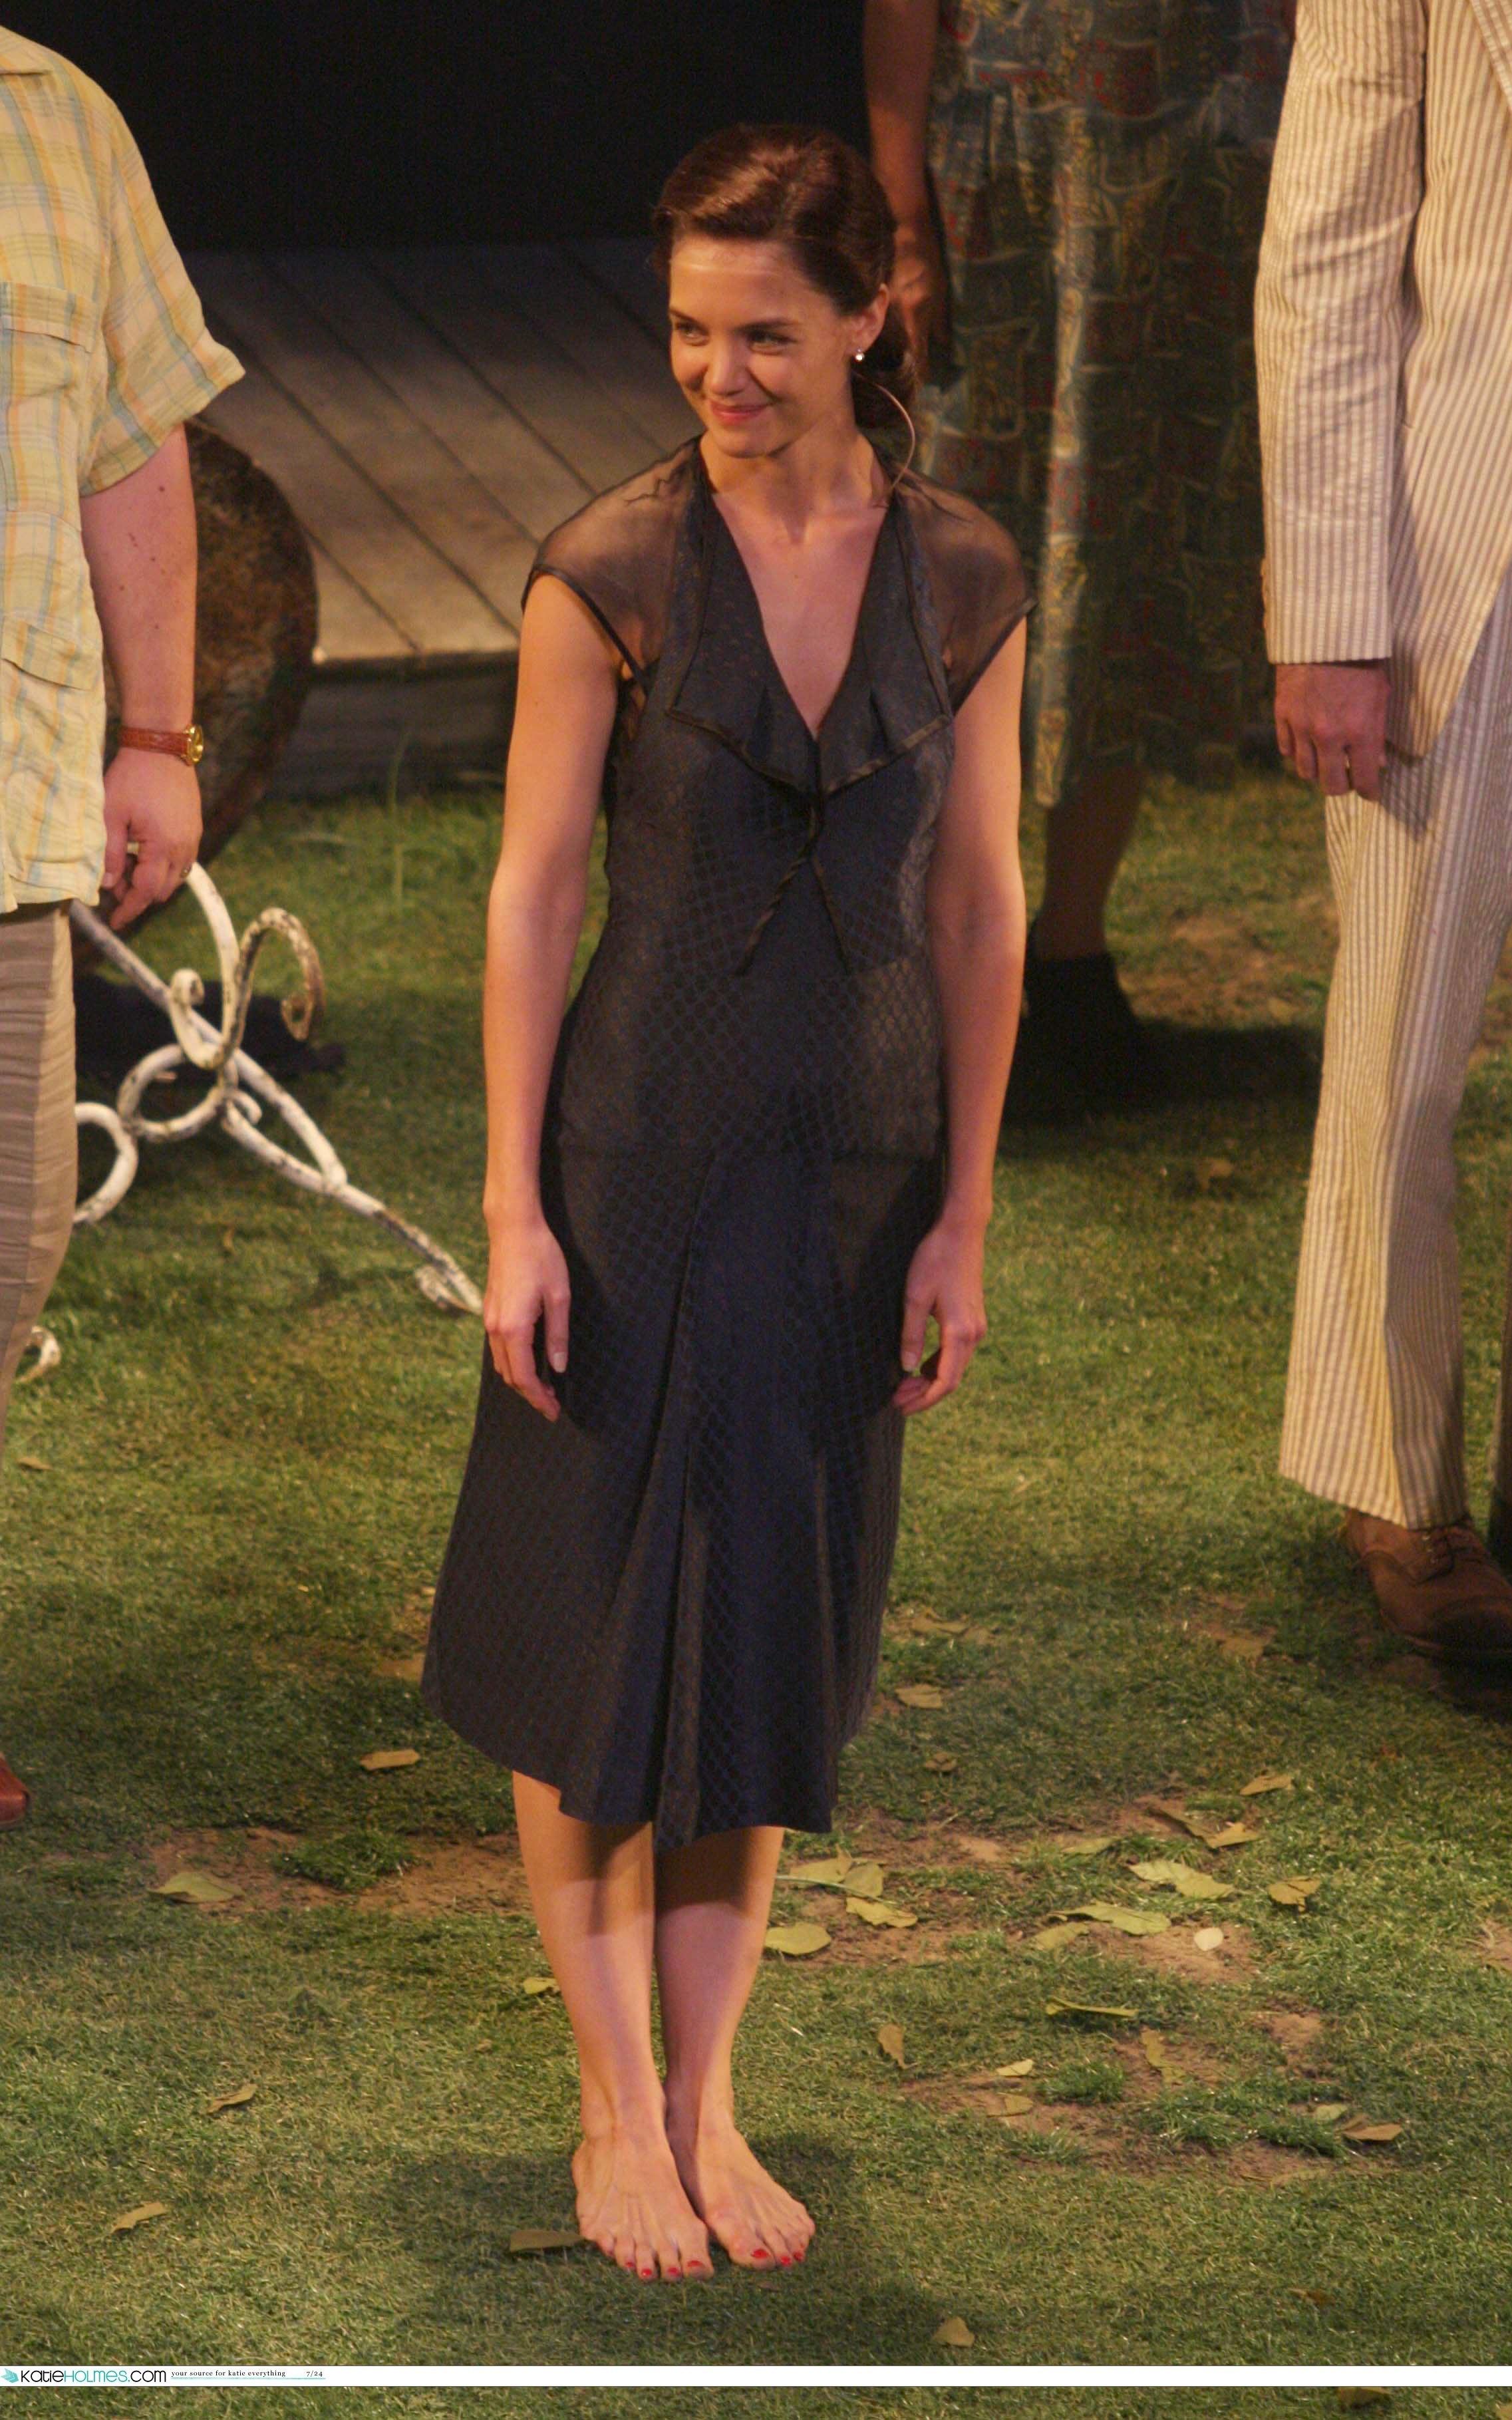 https://pics.wikifeet.com/Katie-Holmes-Feet-1074143.jpg